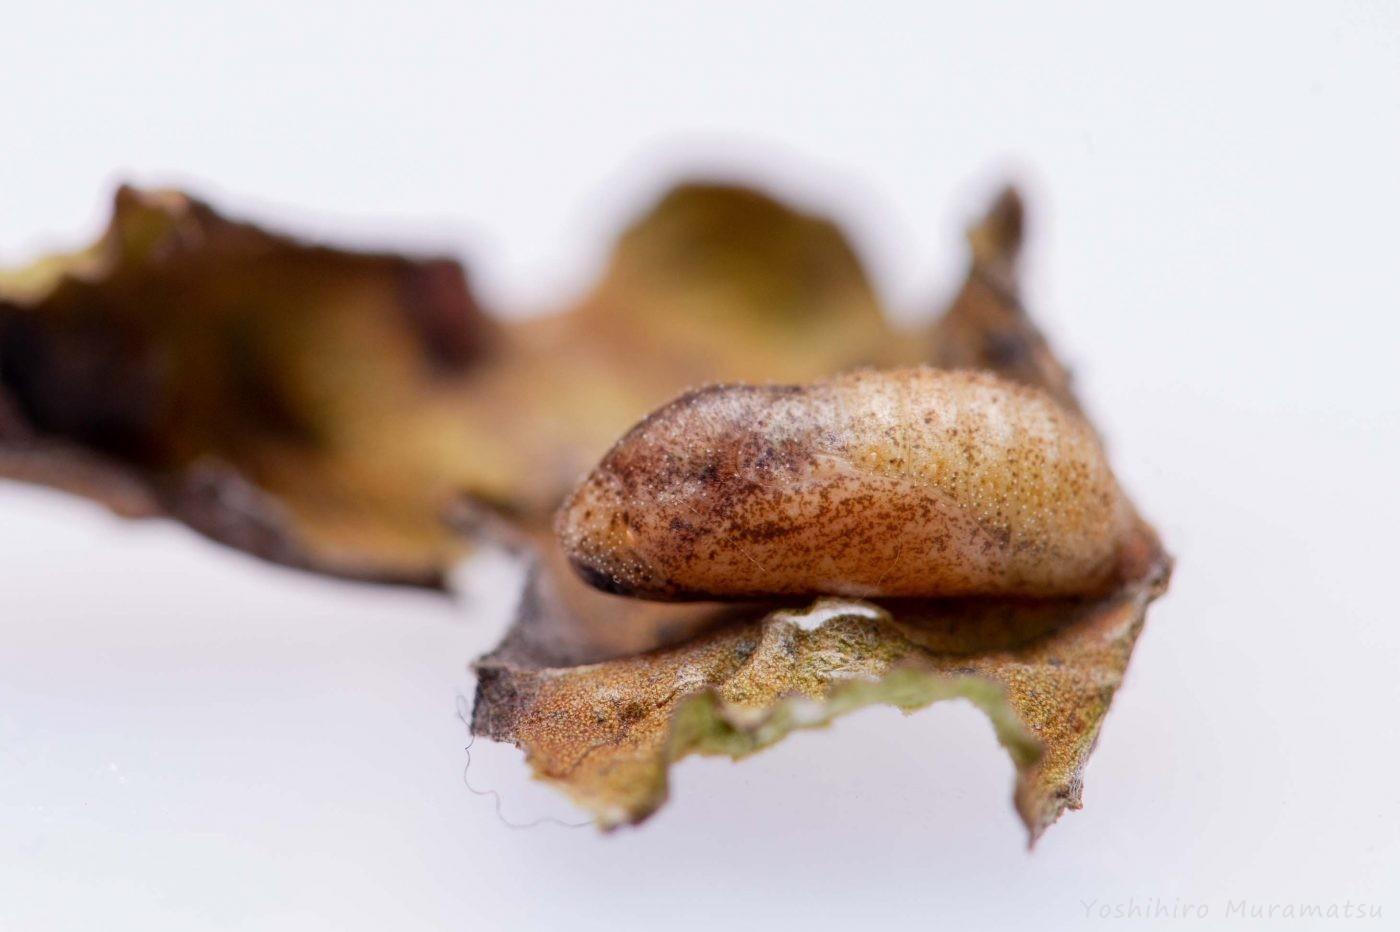 ベニシジミのサナギ